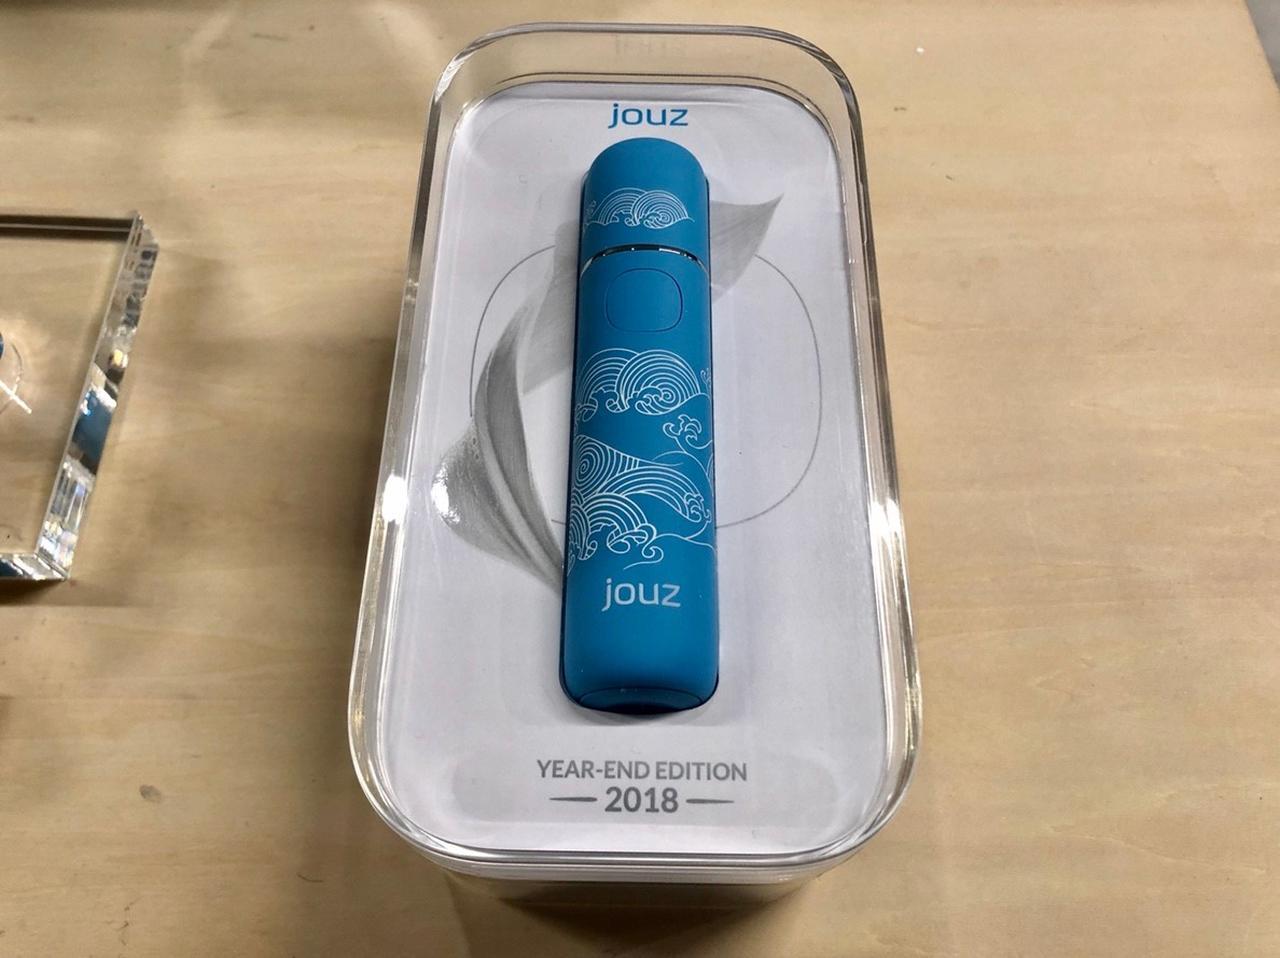 画像2: 「祝い」をテーマにしたデザイン「jouz LE (Limited Edition) ~ Nami/Ume ~」を各色500個限定発売